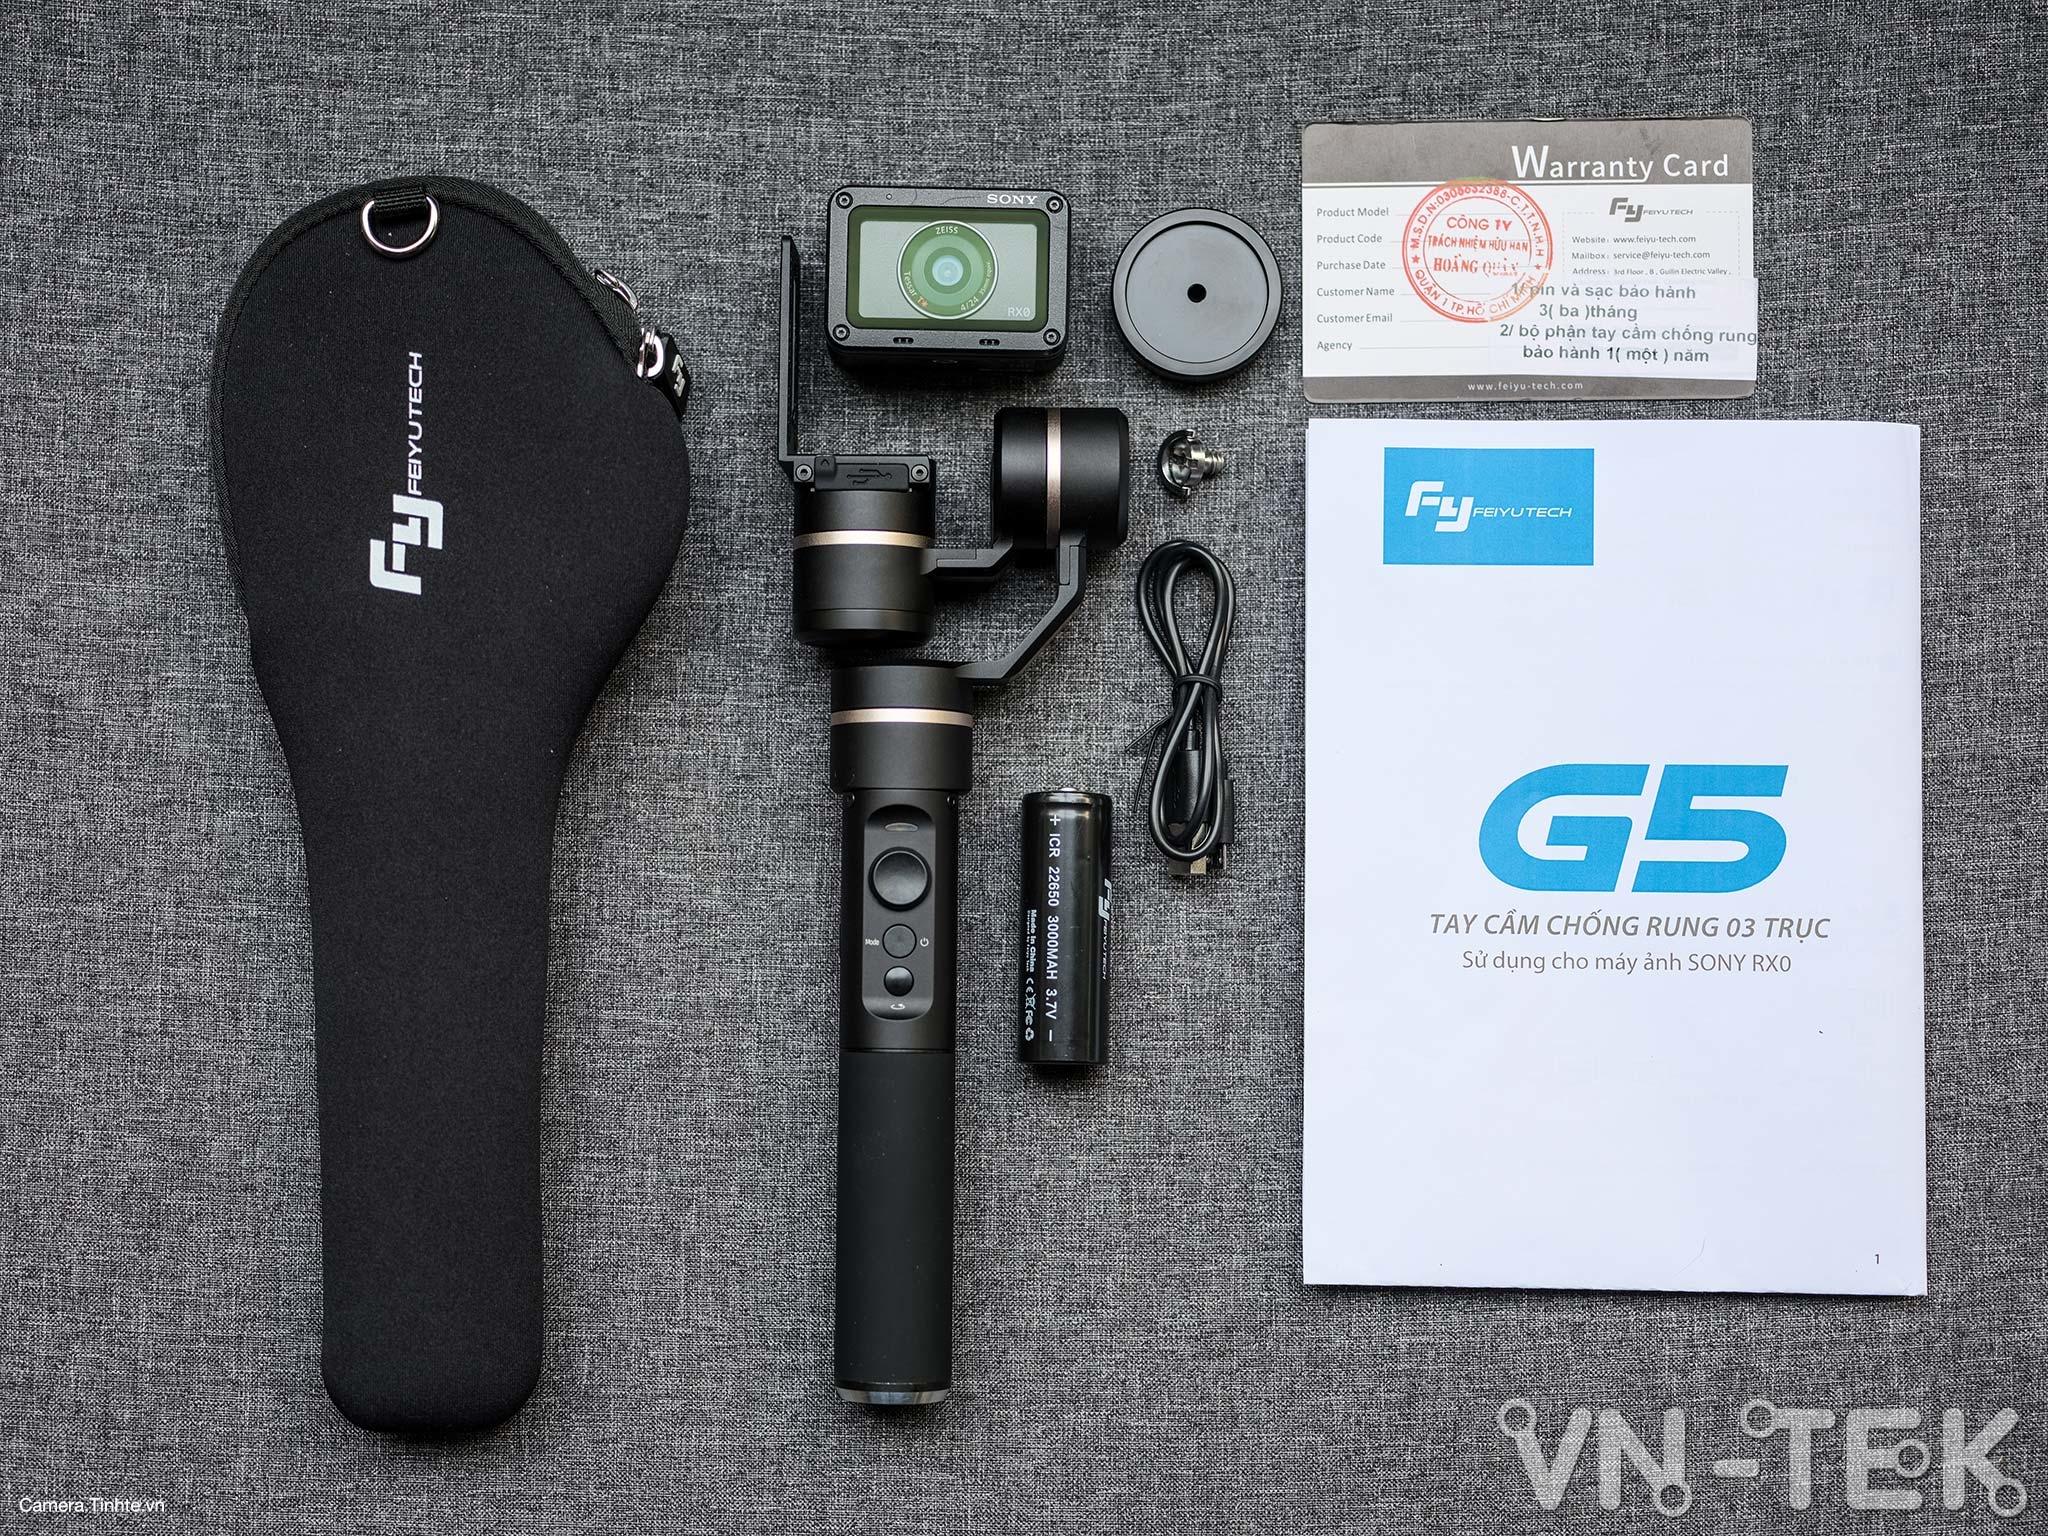 gimbal feiyu g5 3 - Trên tay và trải nghiệm Gimbal Feiyu G5 bản mod cho Sony RX0